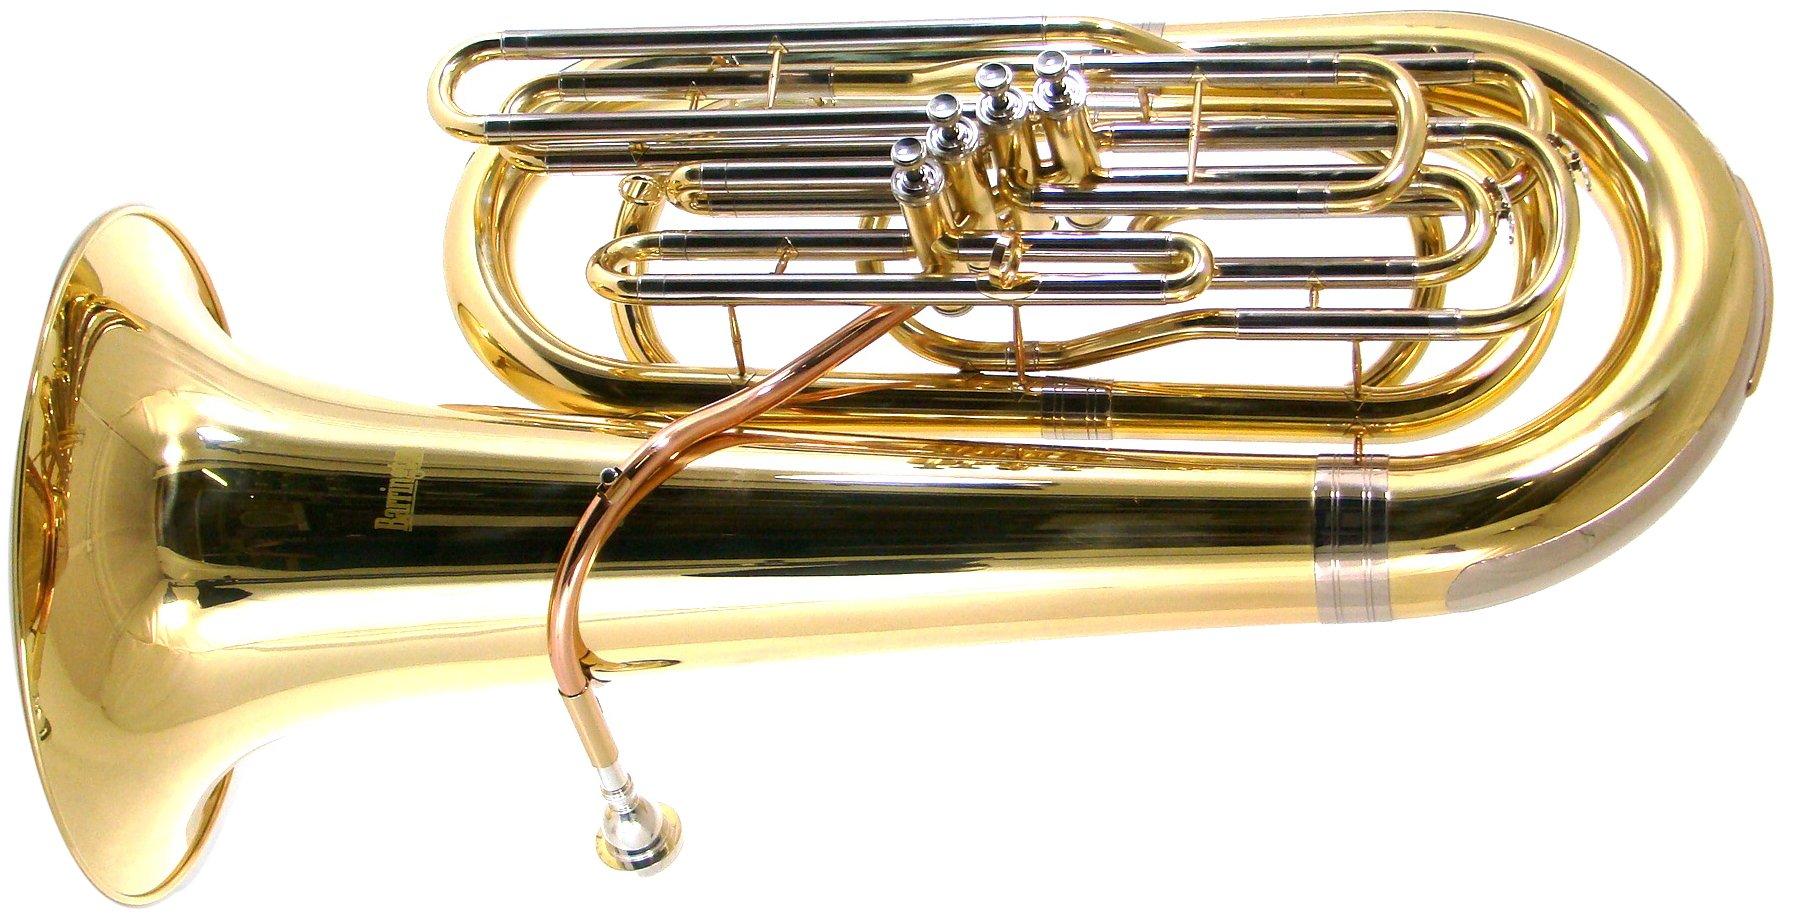 Barrington BR-TU402 4/4 Four Piston BBb Tuba